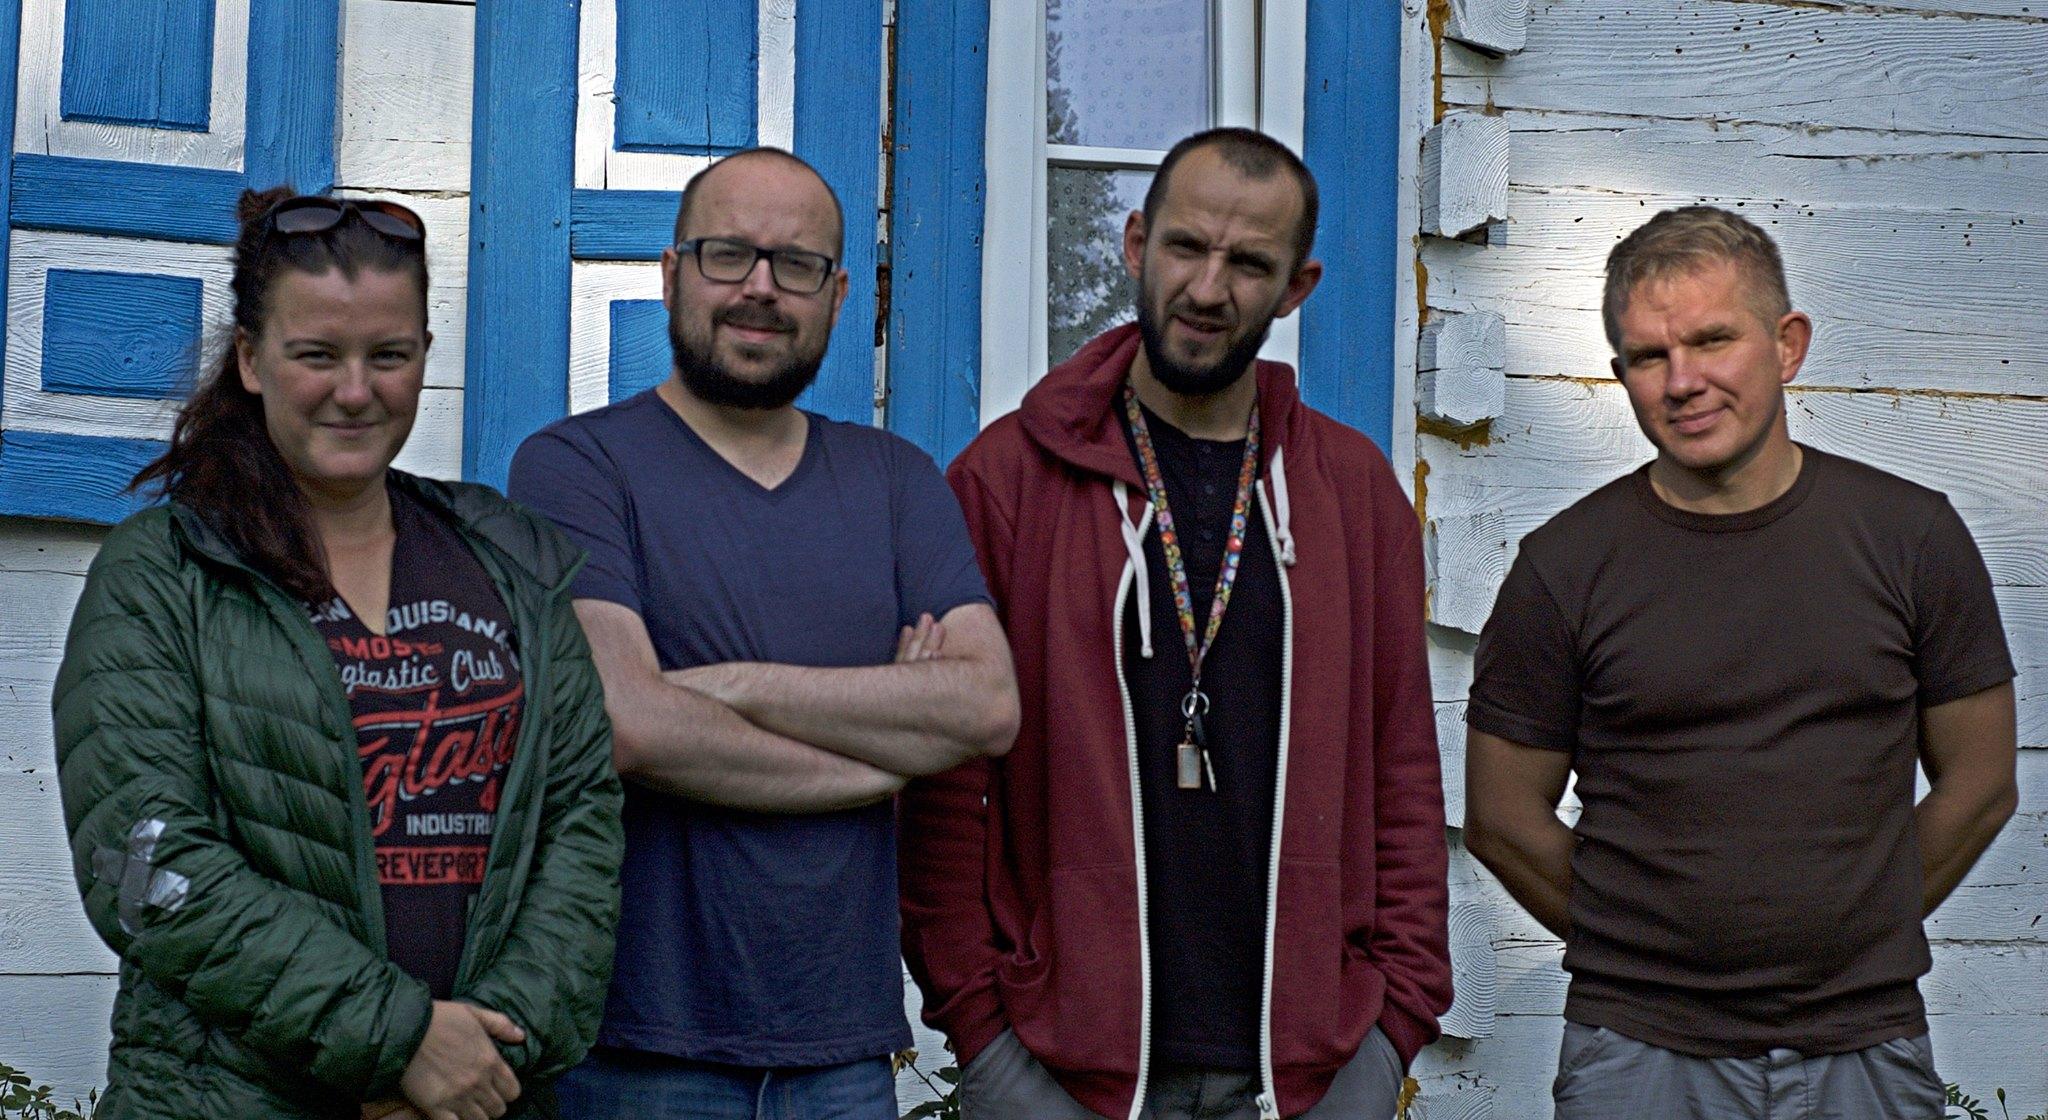 Na zdj. od lewej: Joanna Pawluśkiewicz, Grzegorz Wysocki, Michał Książek, Adam Bohdan